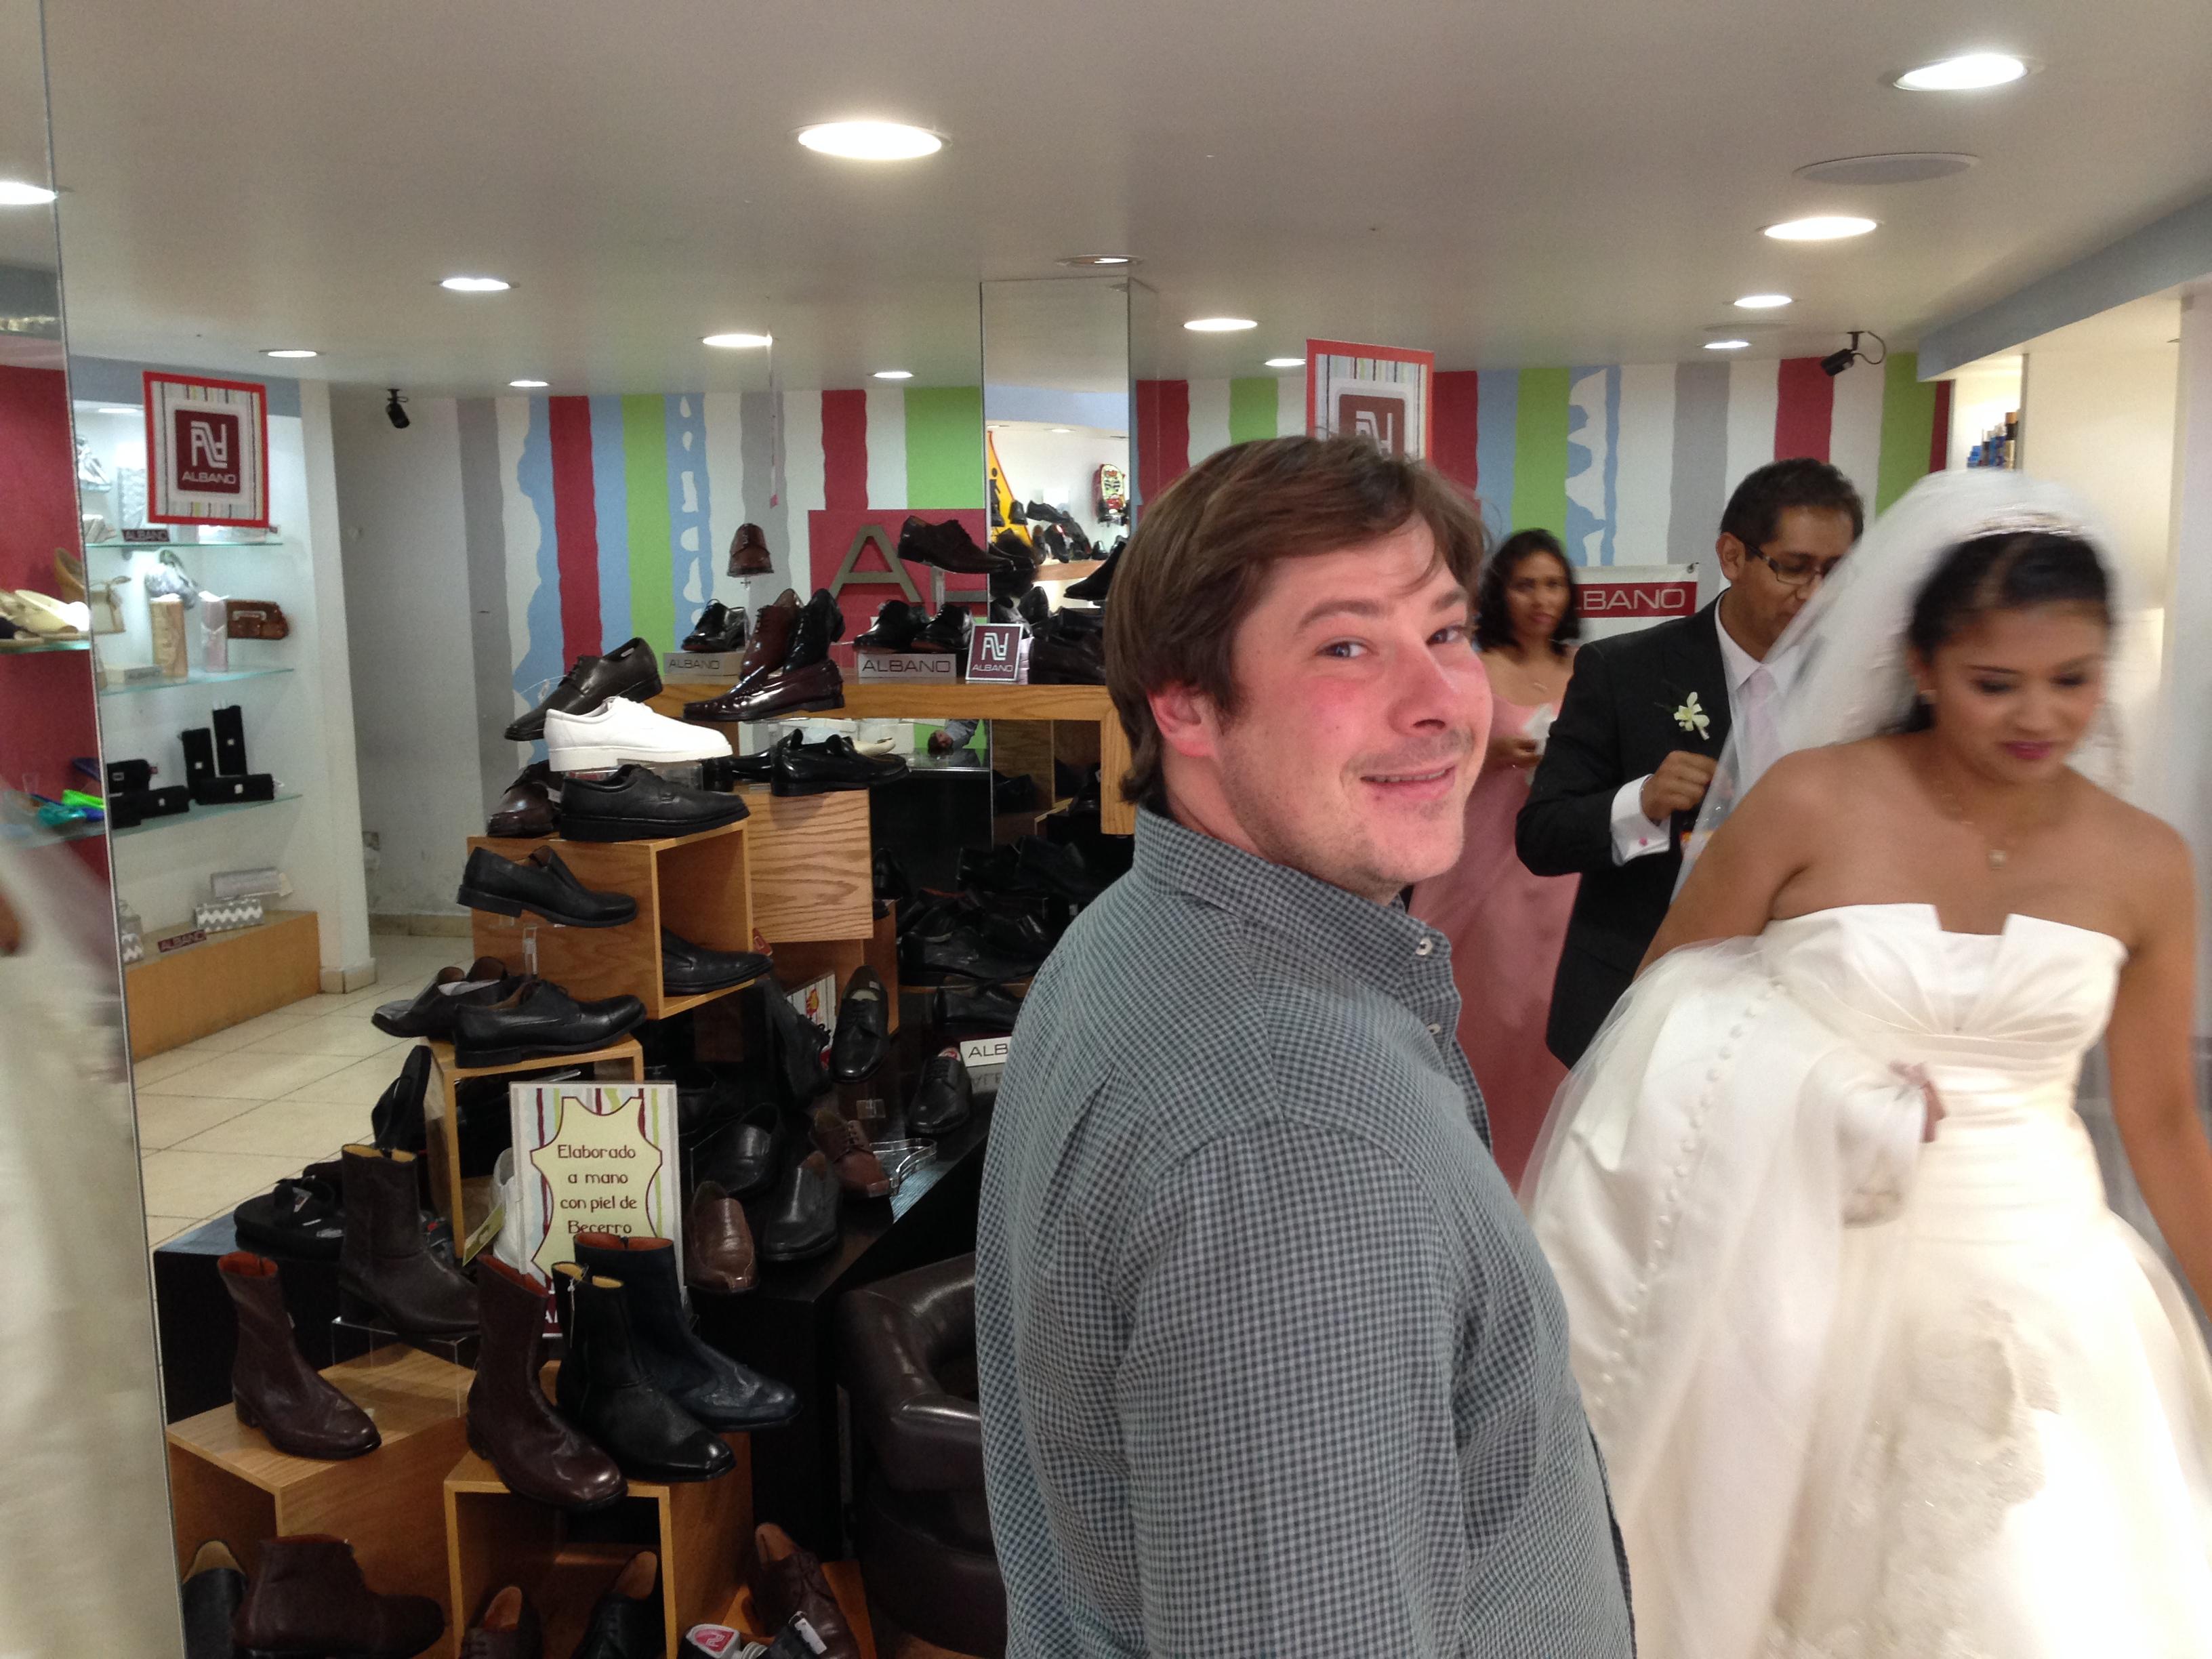 Álvaro en una tienda de Coyoacán donde una novia tuvo que ir a comprar unos zapatos después de su Boda porque los que tenía le hacian daño